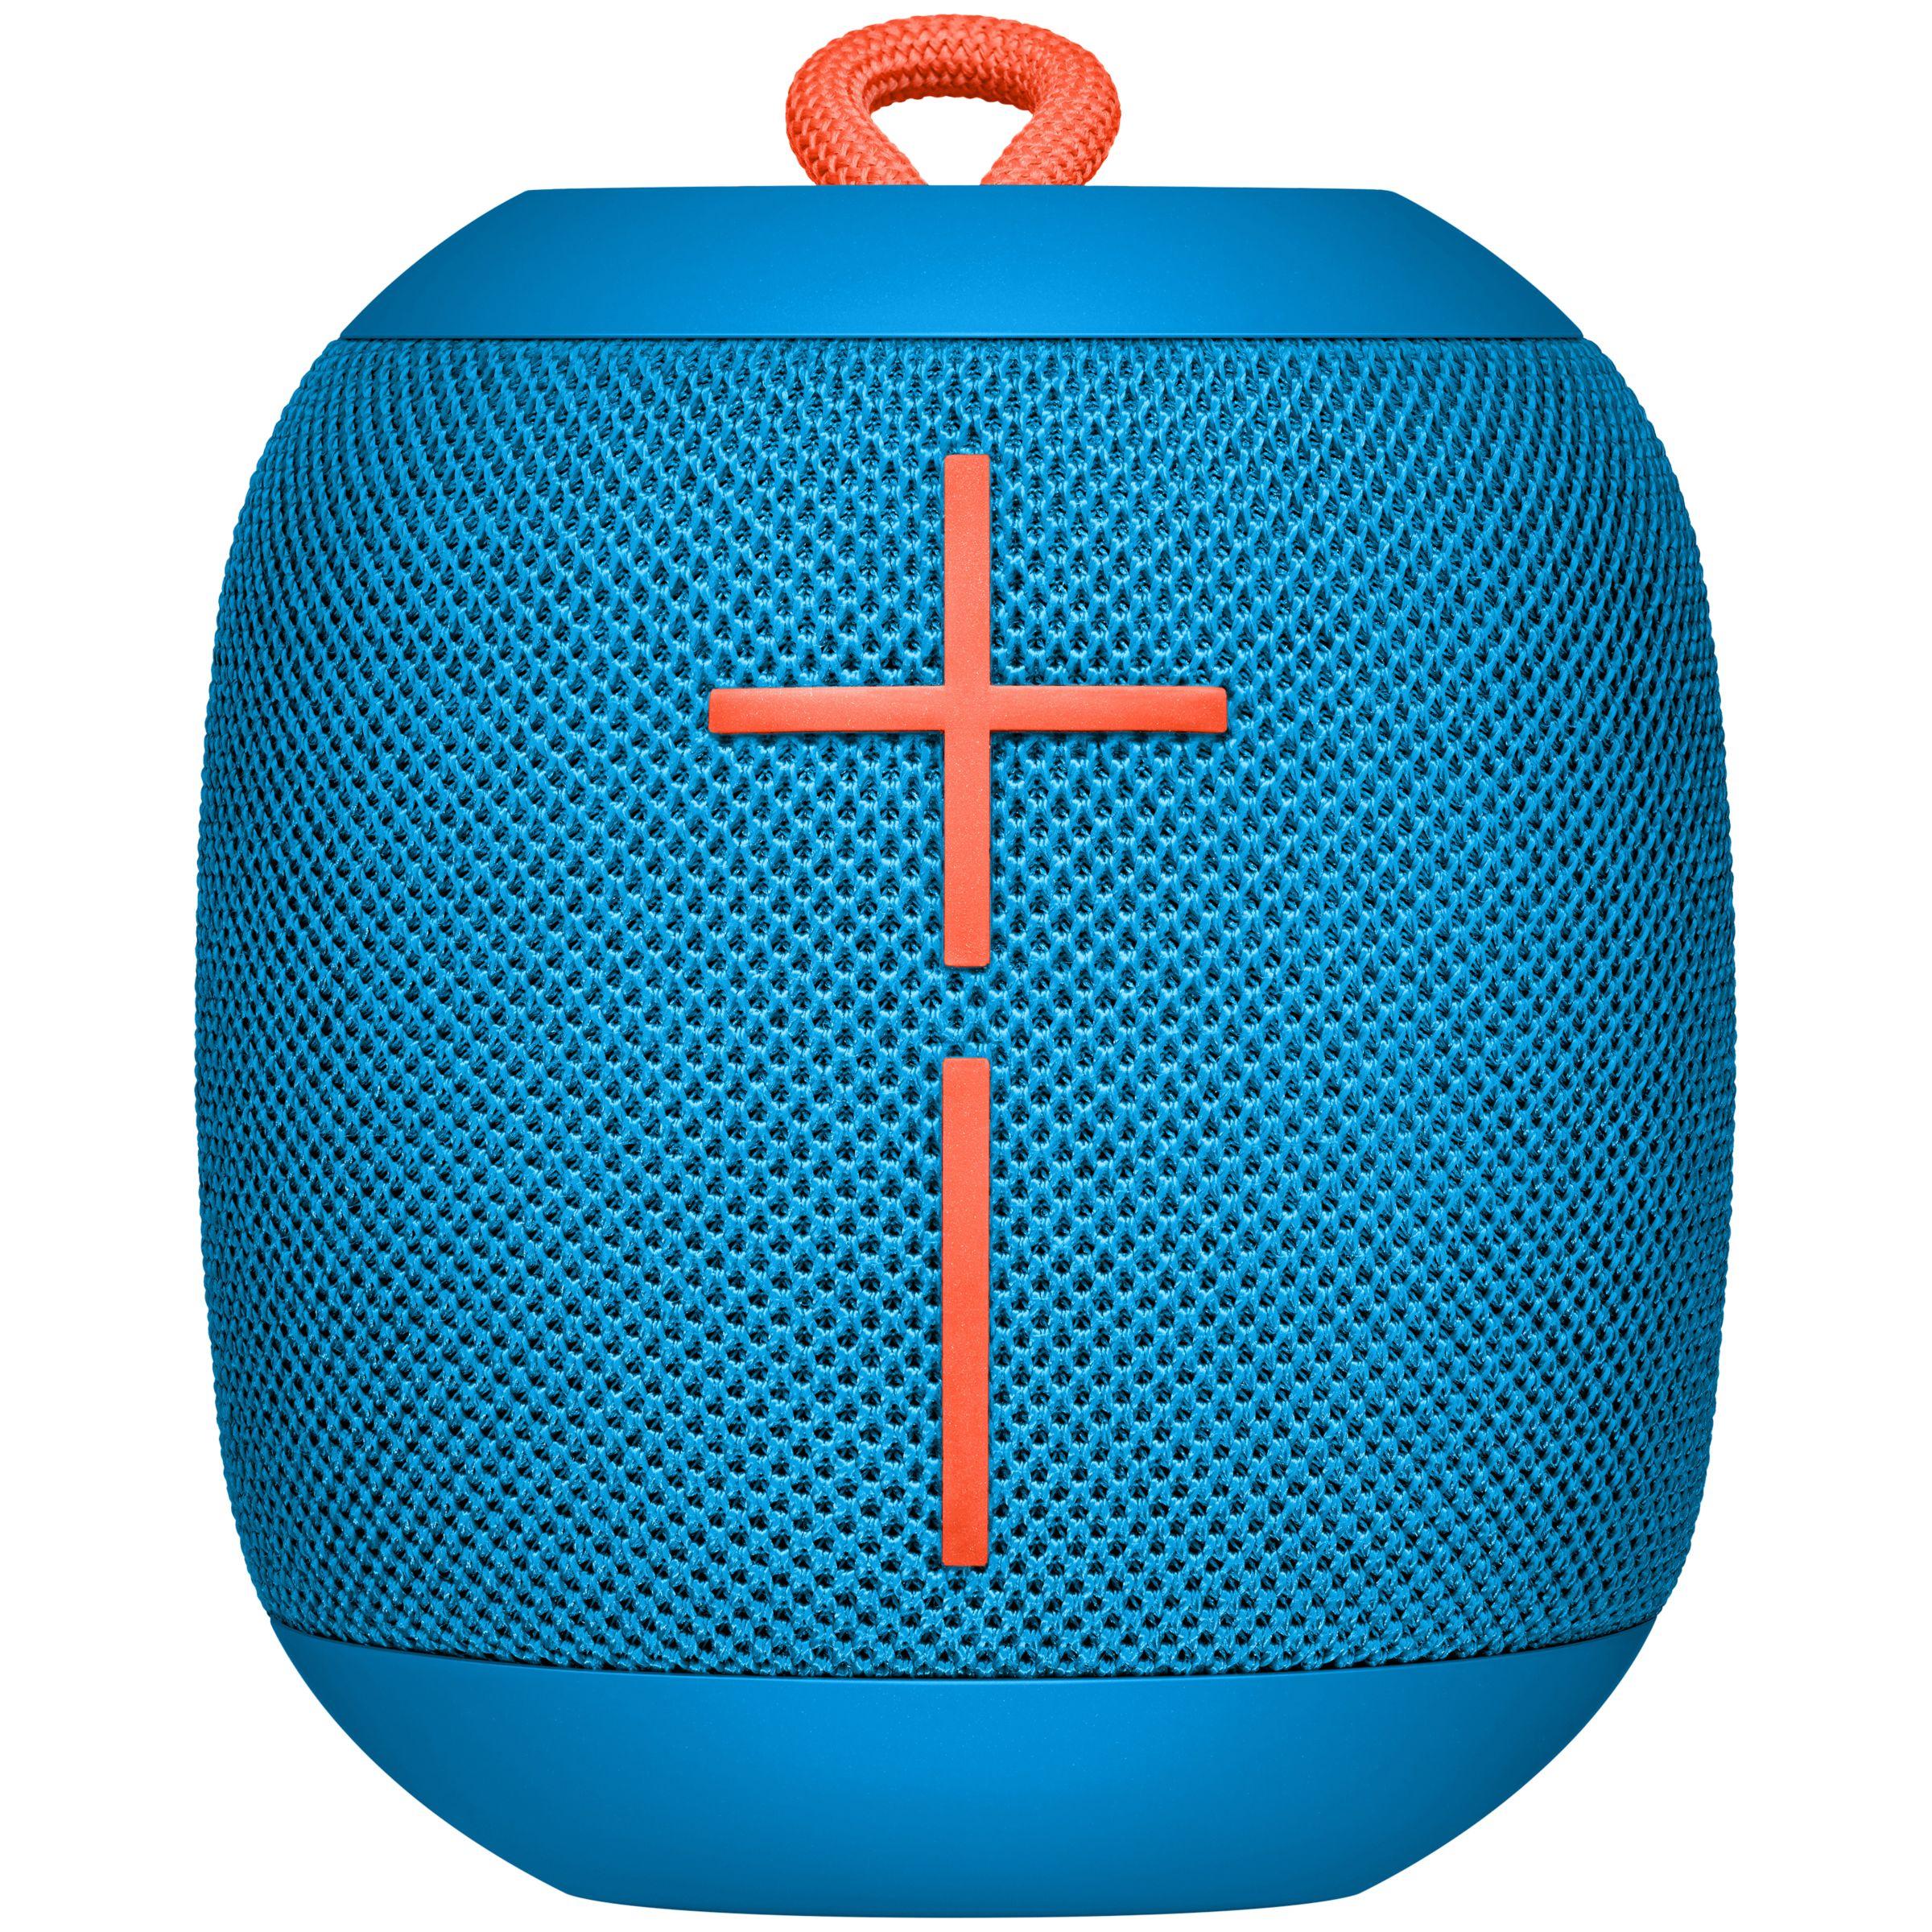 Ultimate Ears Ultimate Ears WONDERBOOM Bluetooth Waterproof Portable Speaker